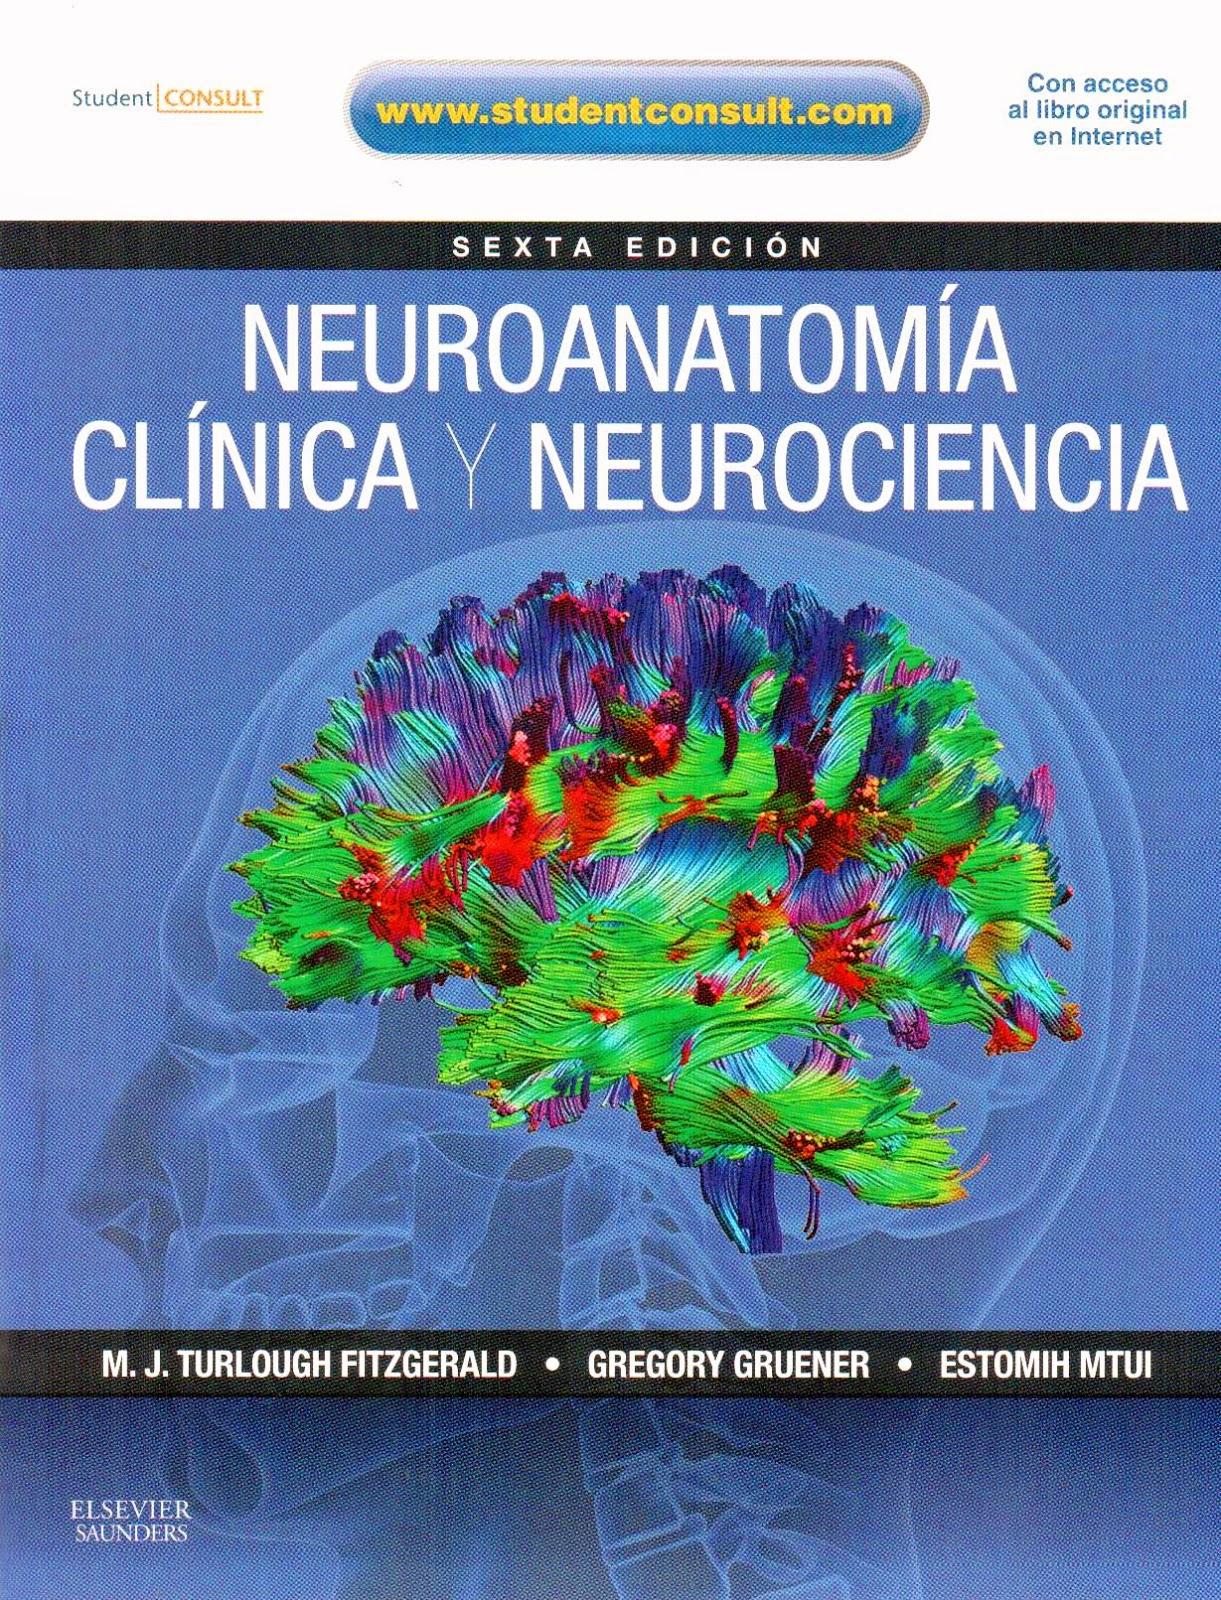 Neuroanatomía Clínica y Neurociencia Fitzgerald | booksmedicos